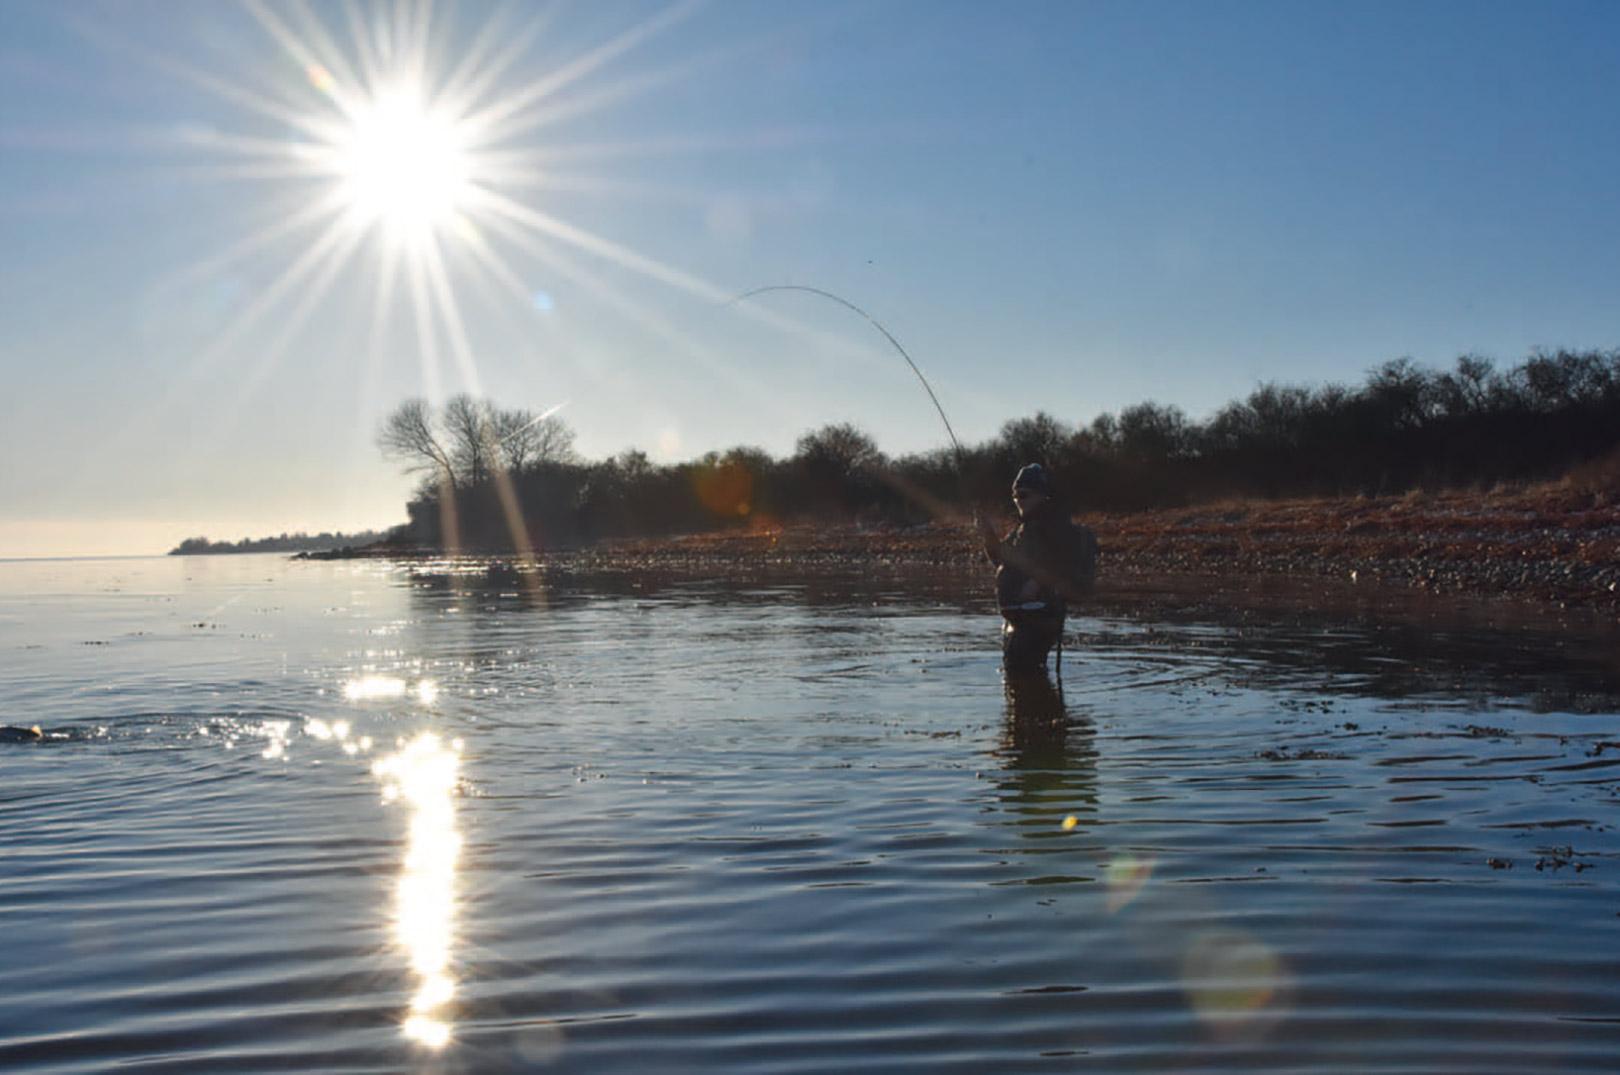 Kløverhagen lige syd for Tårup indbyder ofte til at vade langt ud og fiske mod den dybere kant, men ofte kan du fint finde flotte fisk helt under land mellem tangbuskene på kun knædybt vand.